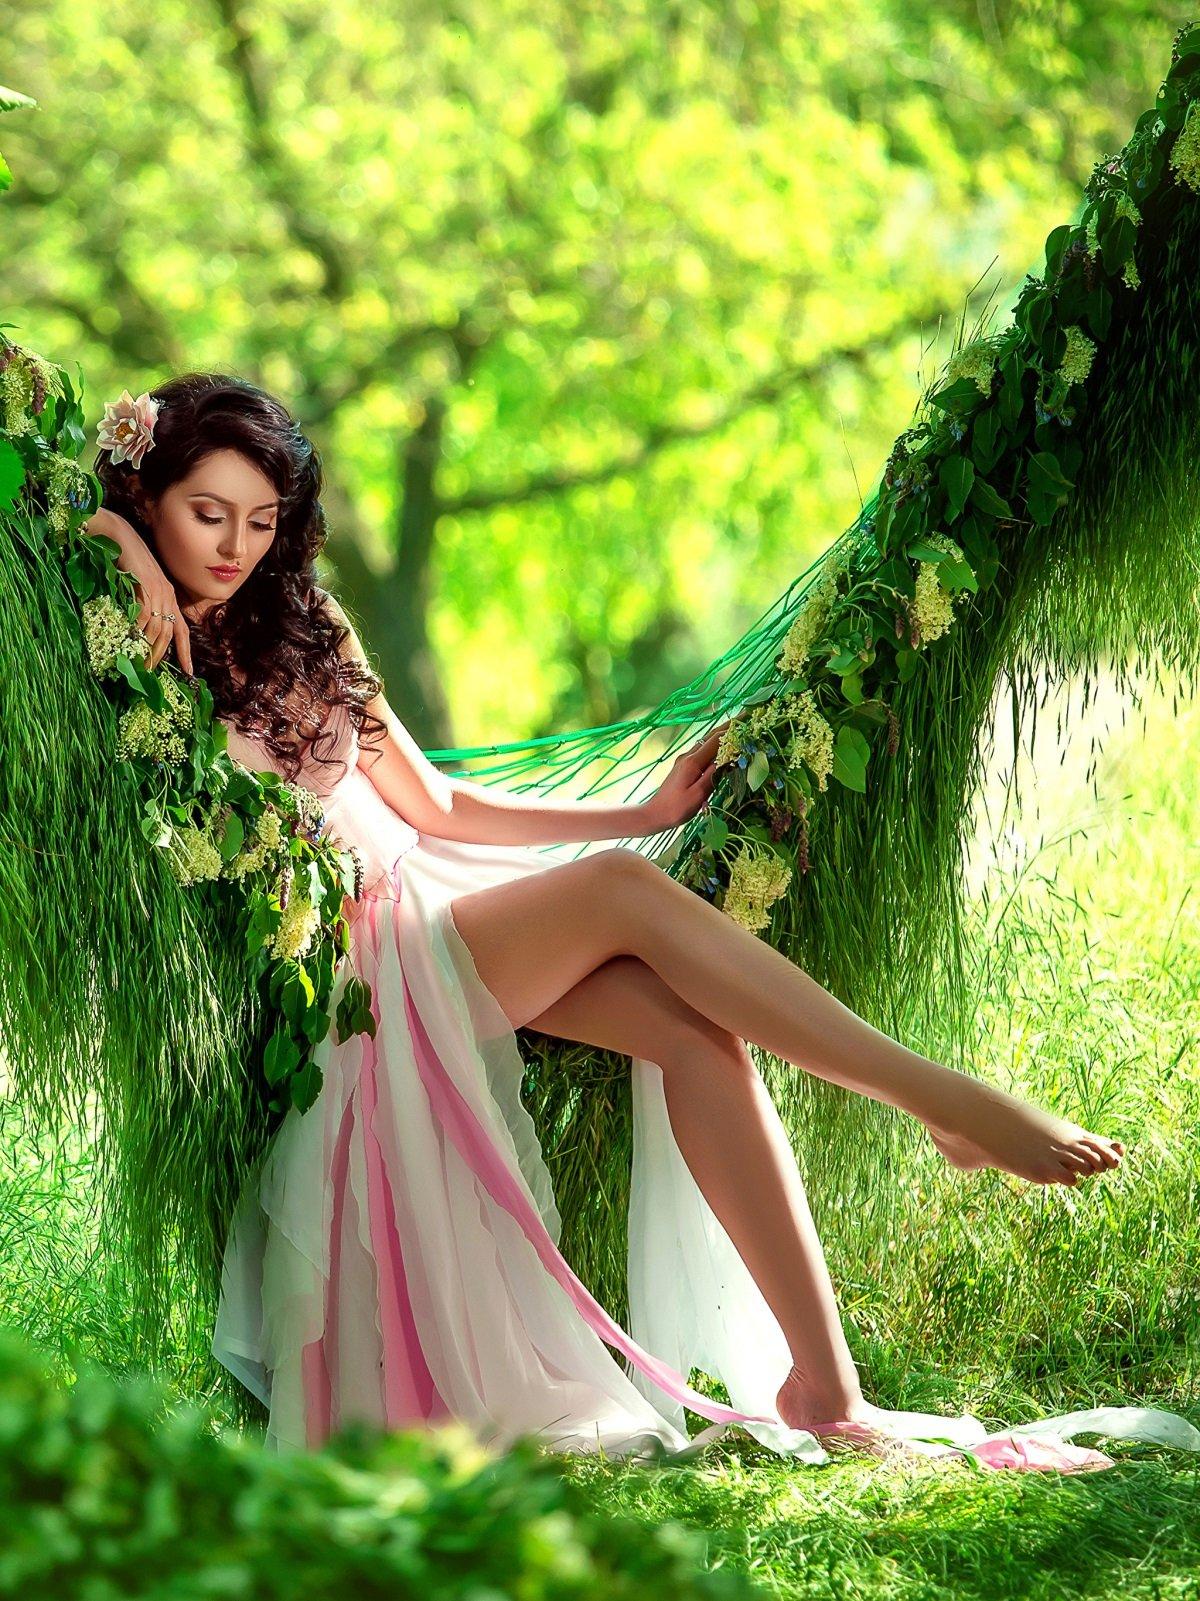 Красивые Девушки В Платьях На Природе Фото